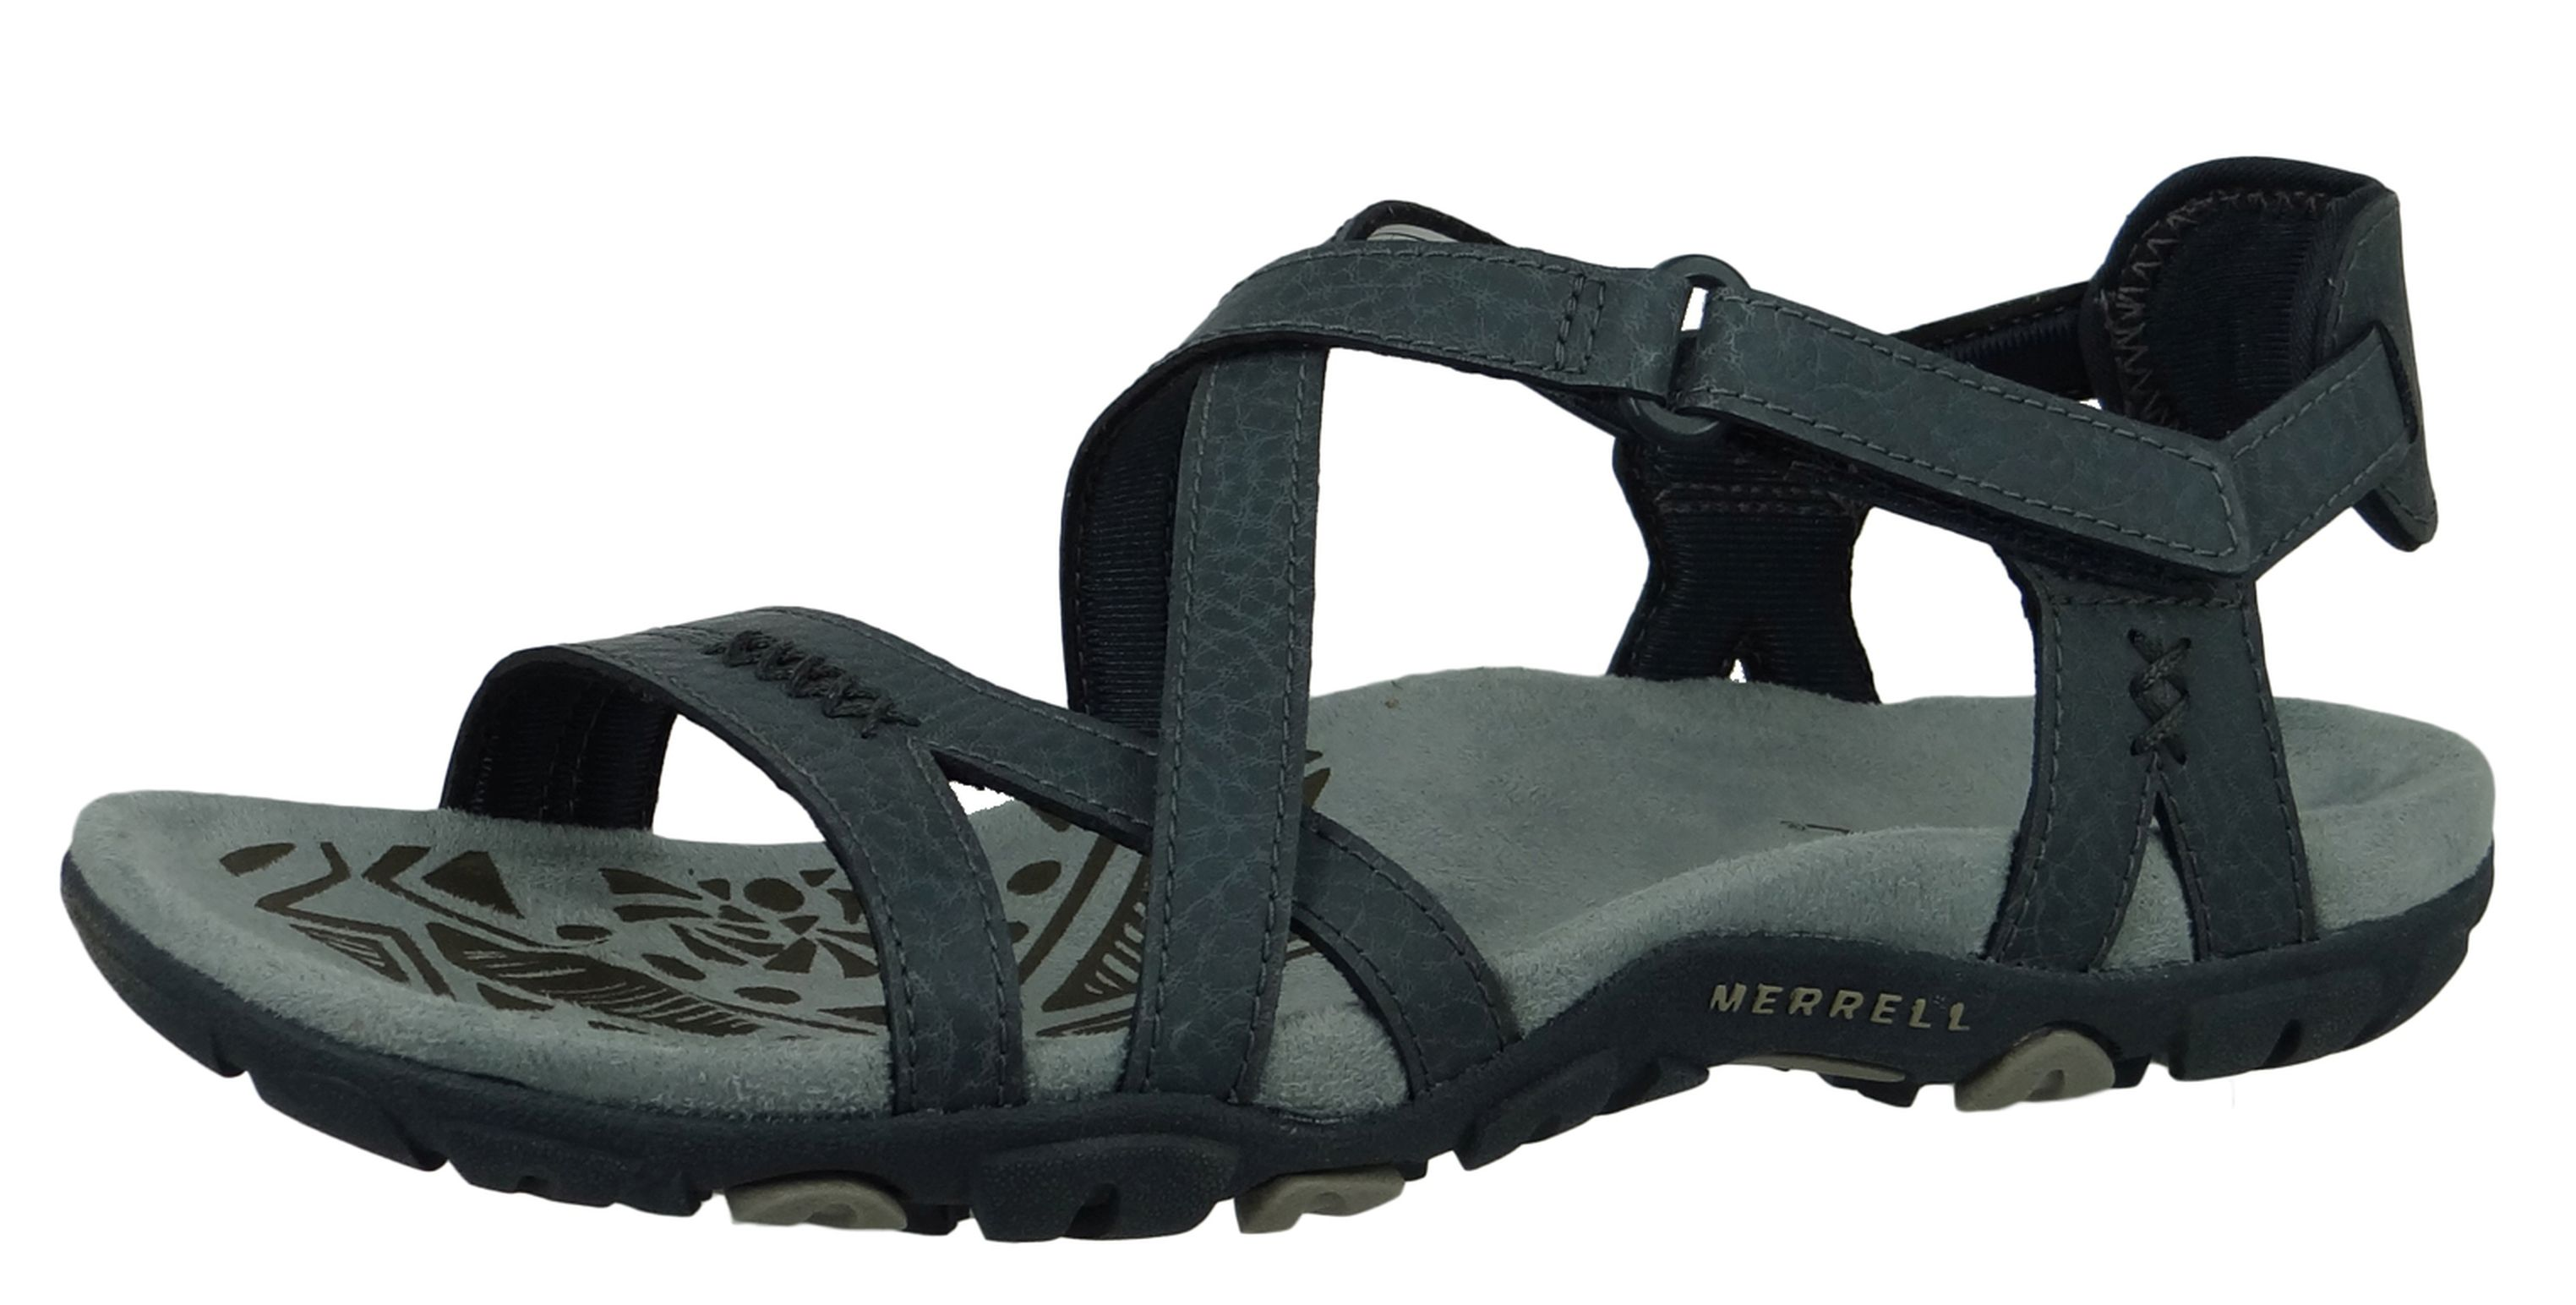 Merrell »J98772« Sandale, Farbe: Slate (Blau)Modell